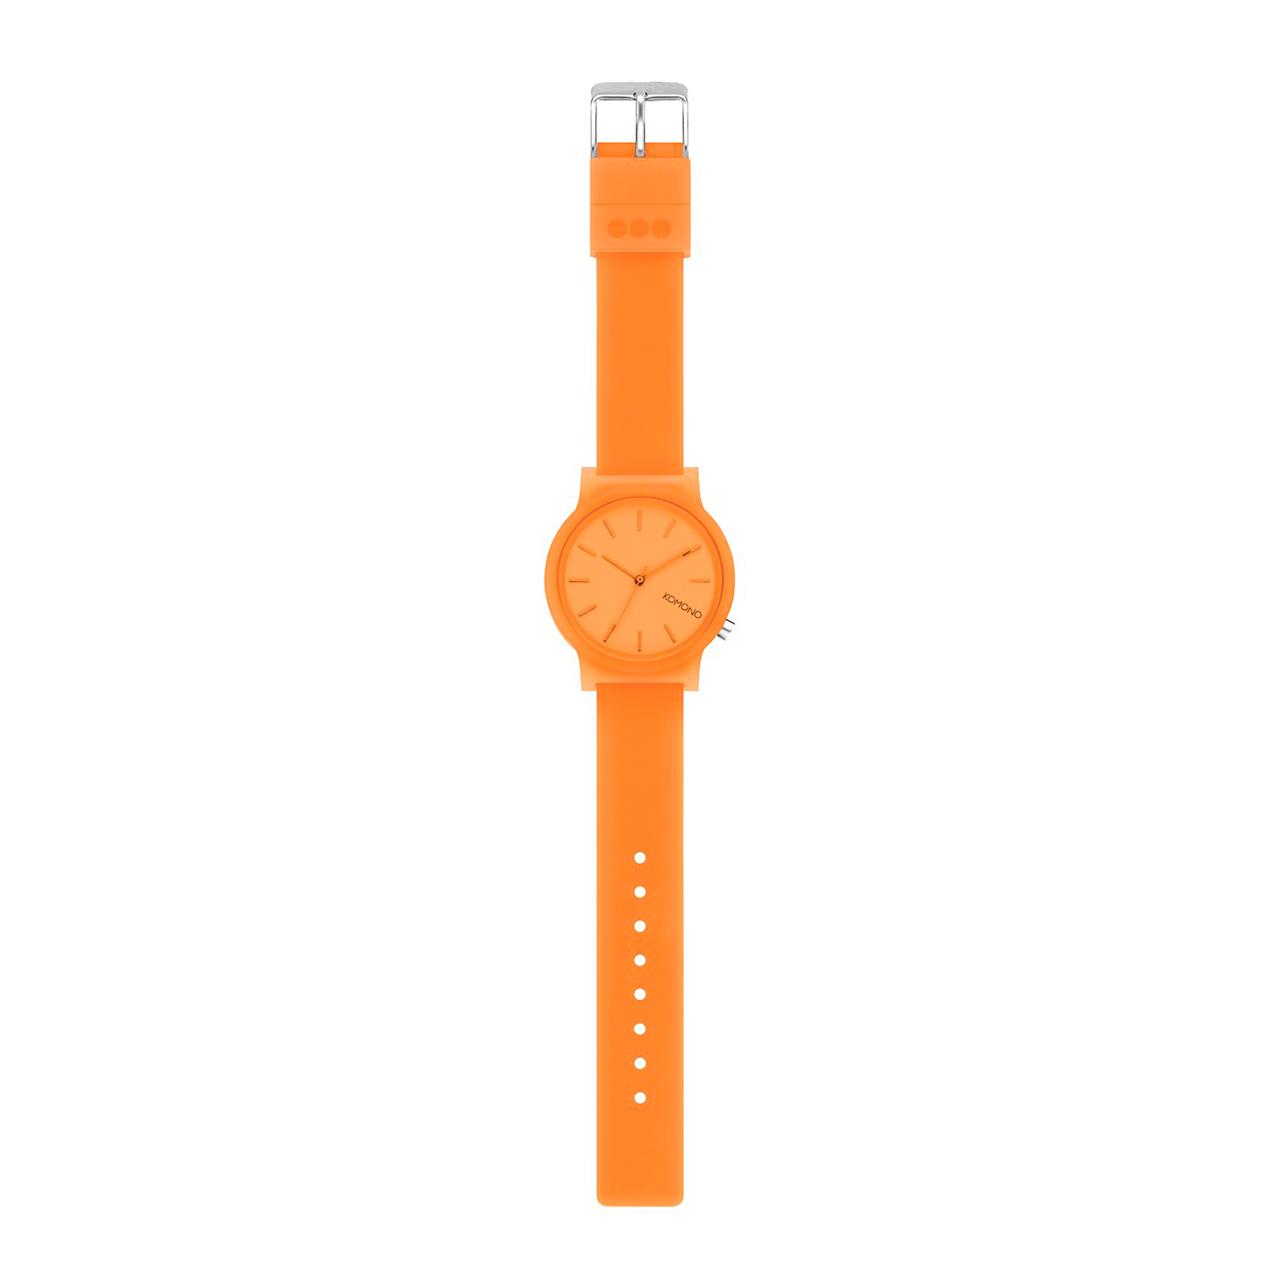 ساعت مچی عقربه ای کومونو سری Mono Neon Orange Glow مدل KOM-W4301